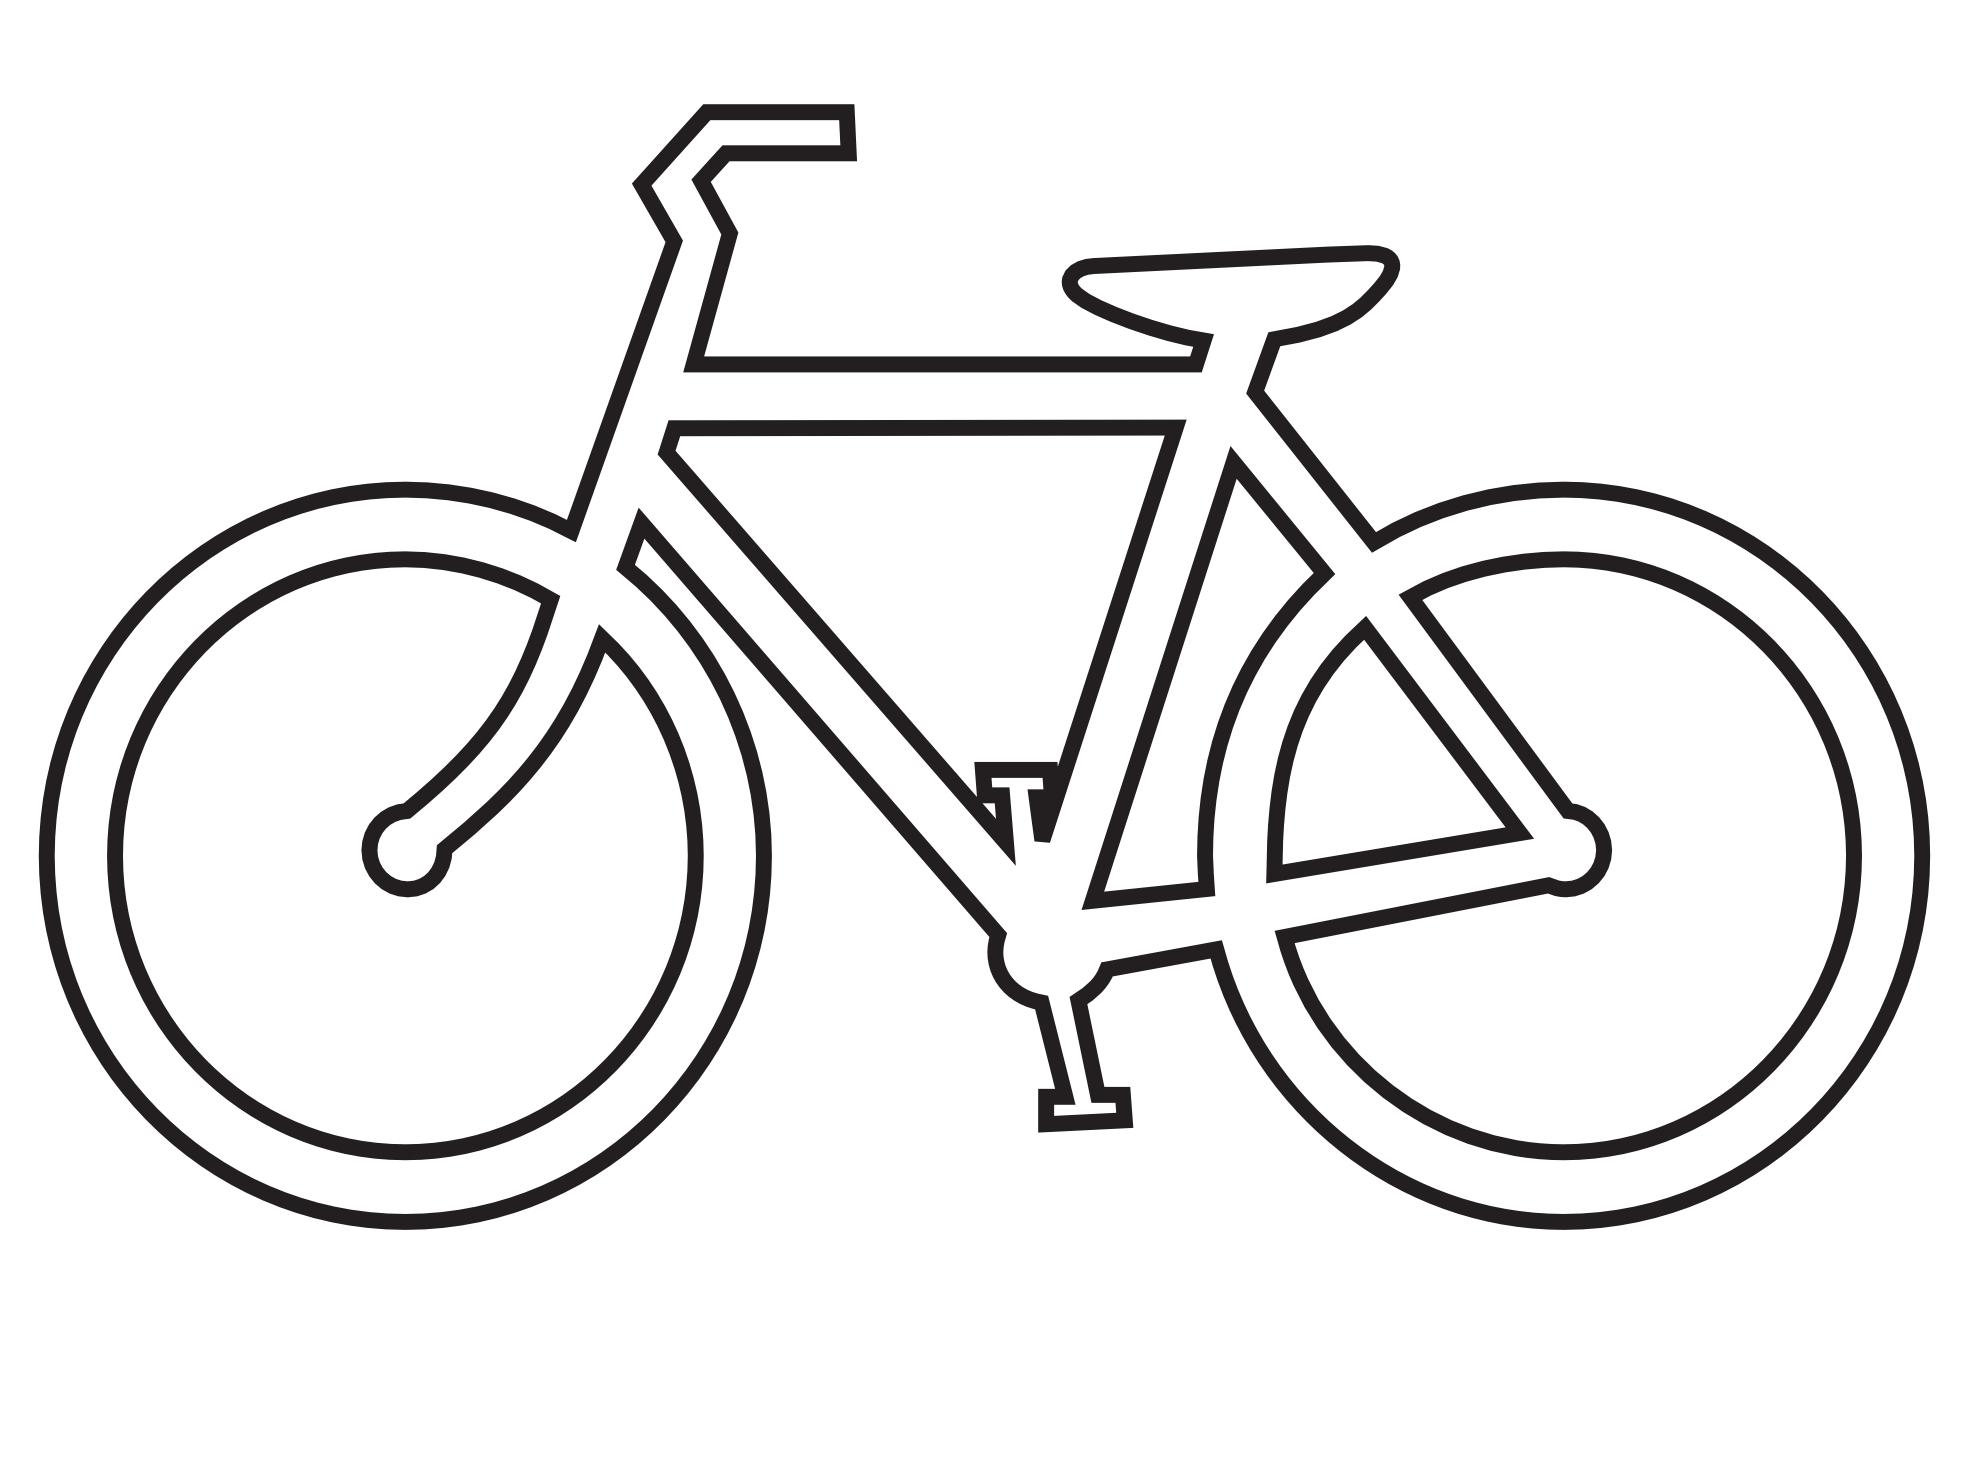 Dibujos De Bicicletas Para Colorear Y Pintar Una Bici Free Image